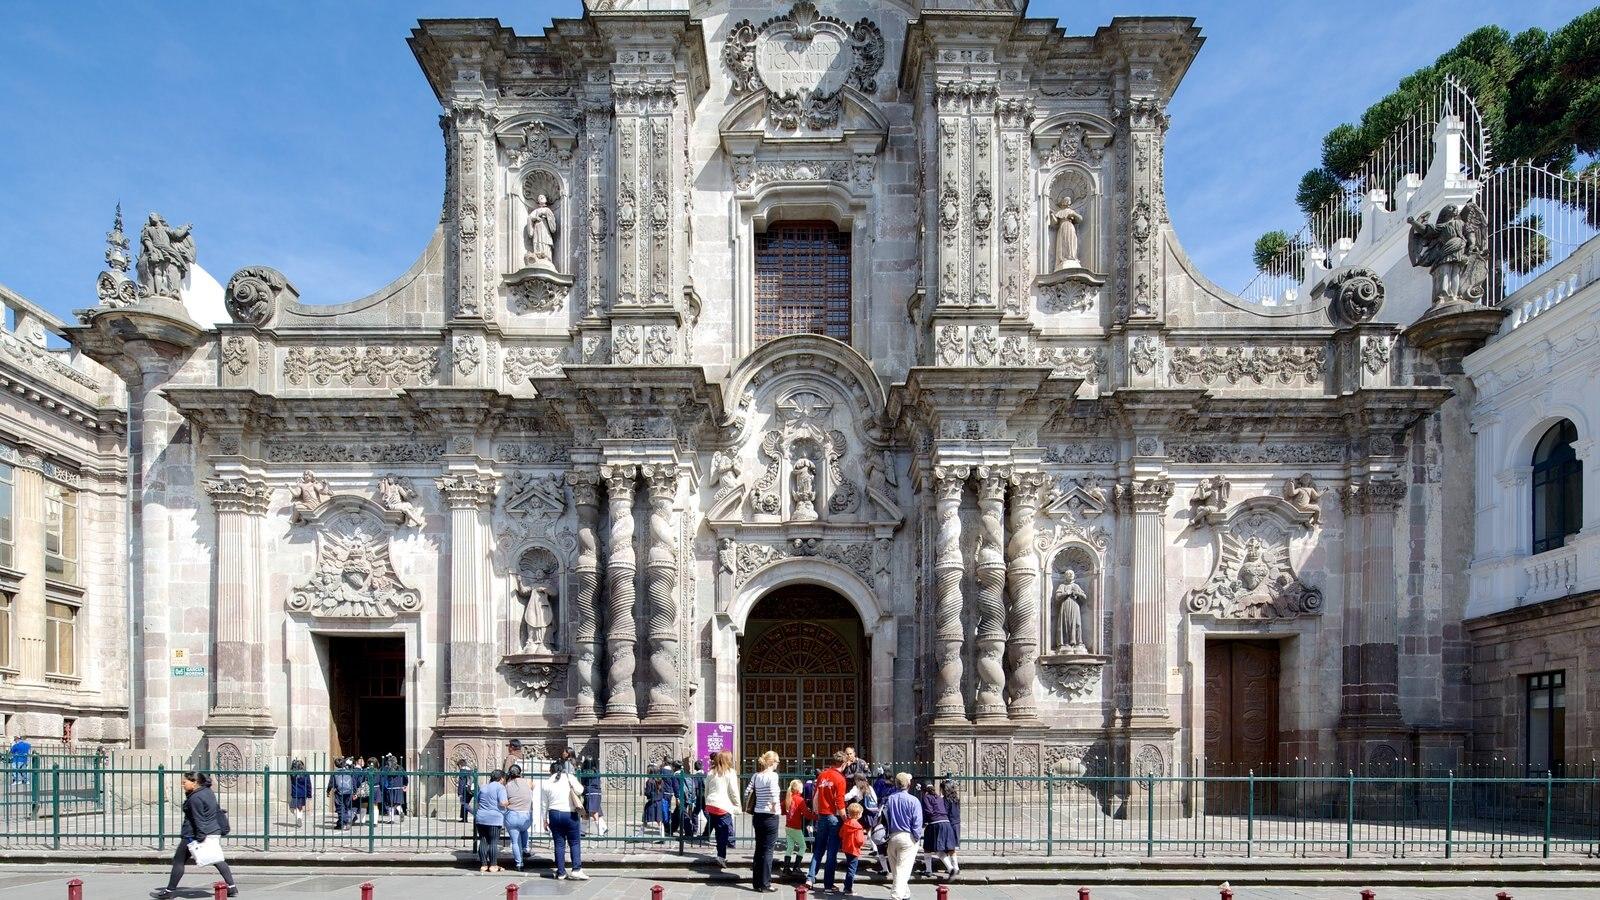 Igreja da Companhia de Jesus mostrando uma igreja ou catedral, cenas de rua e arquitetura de patrimônio